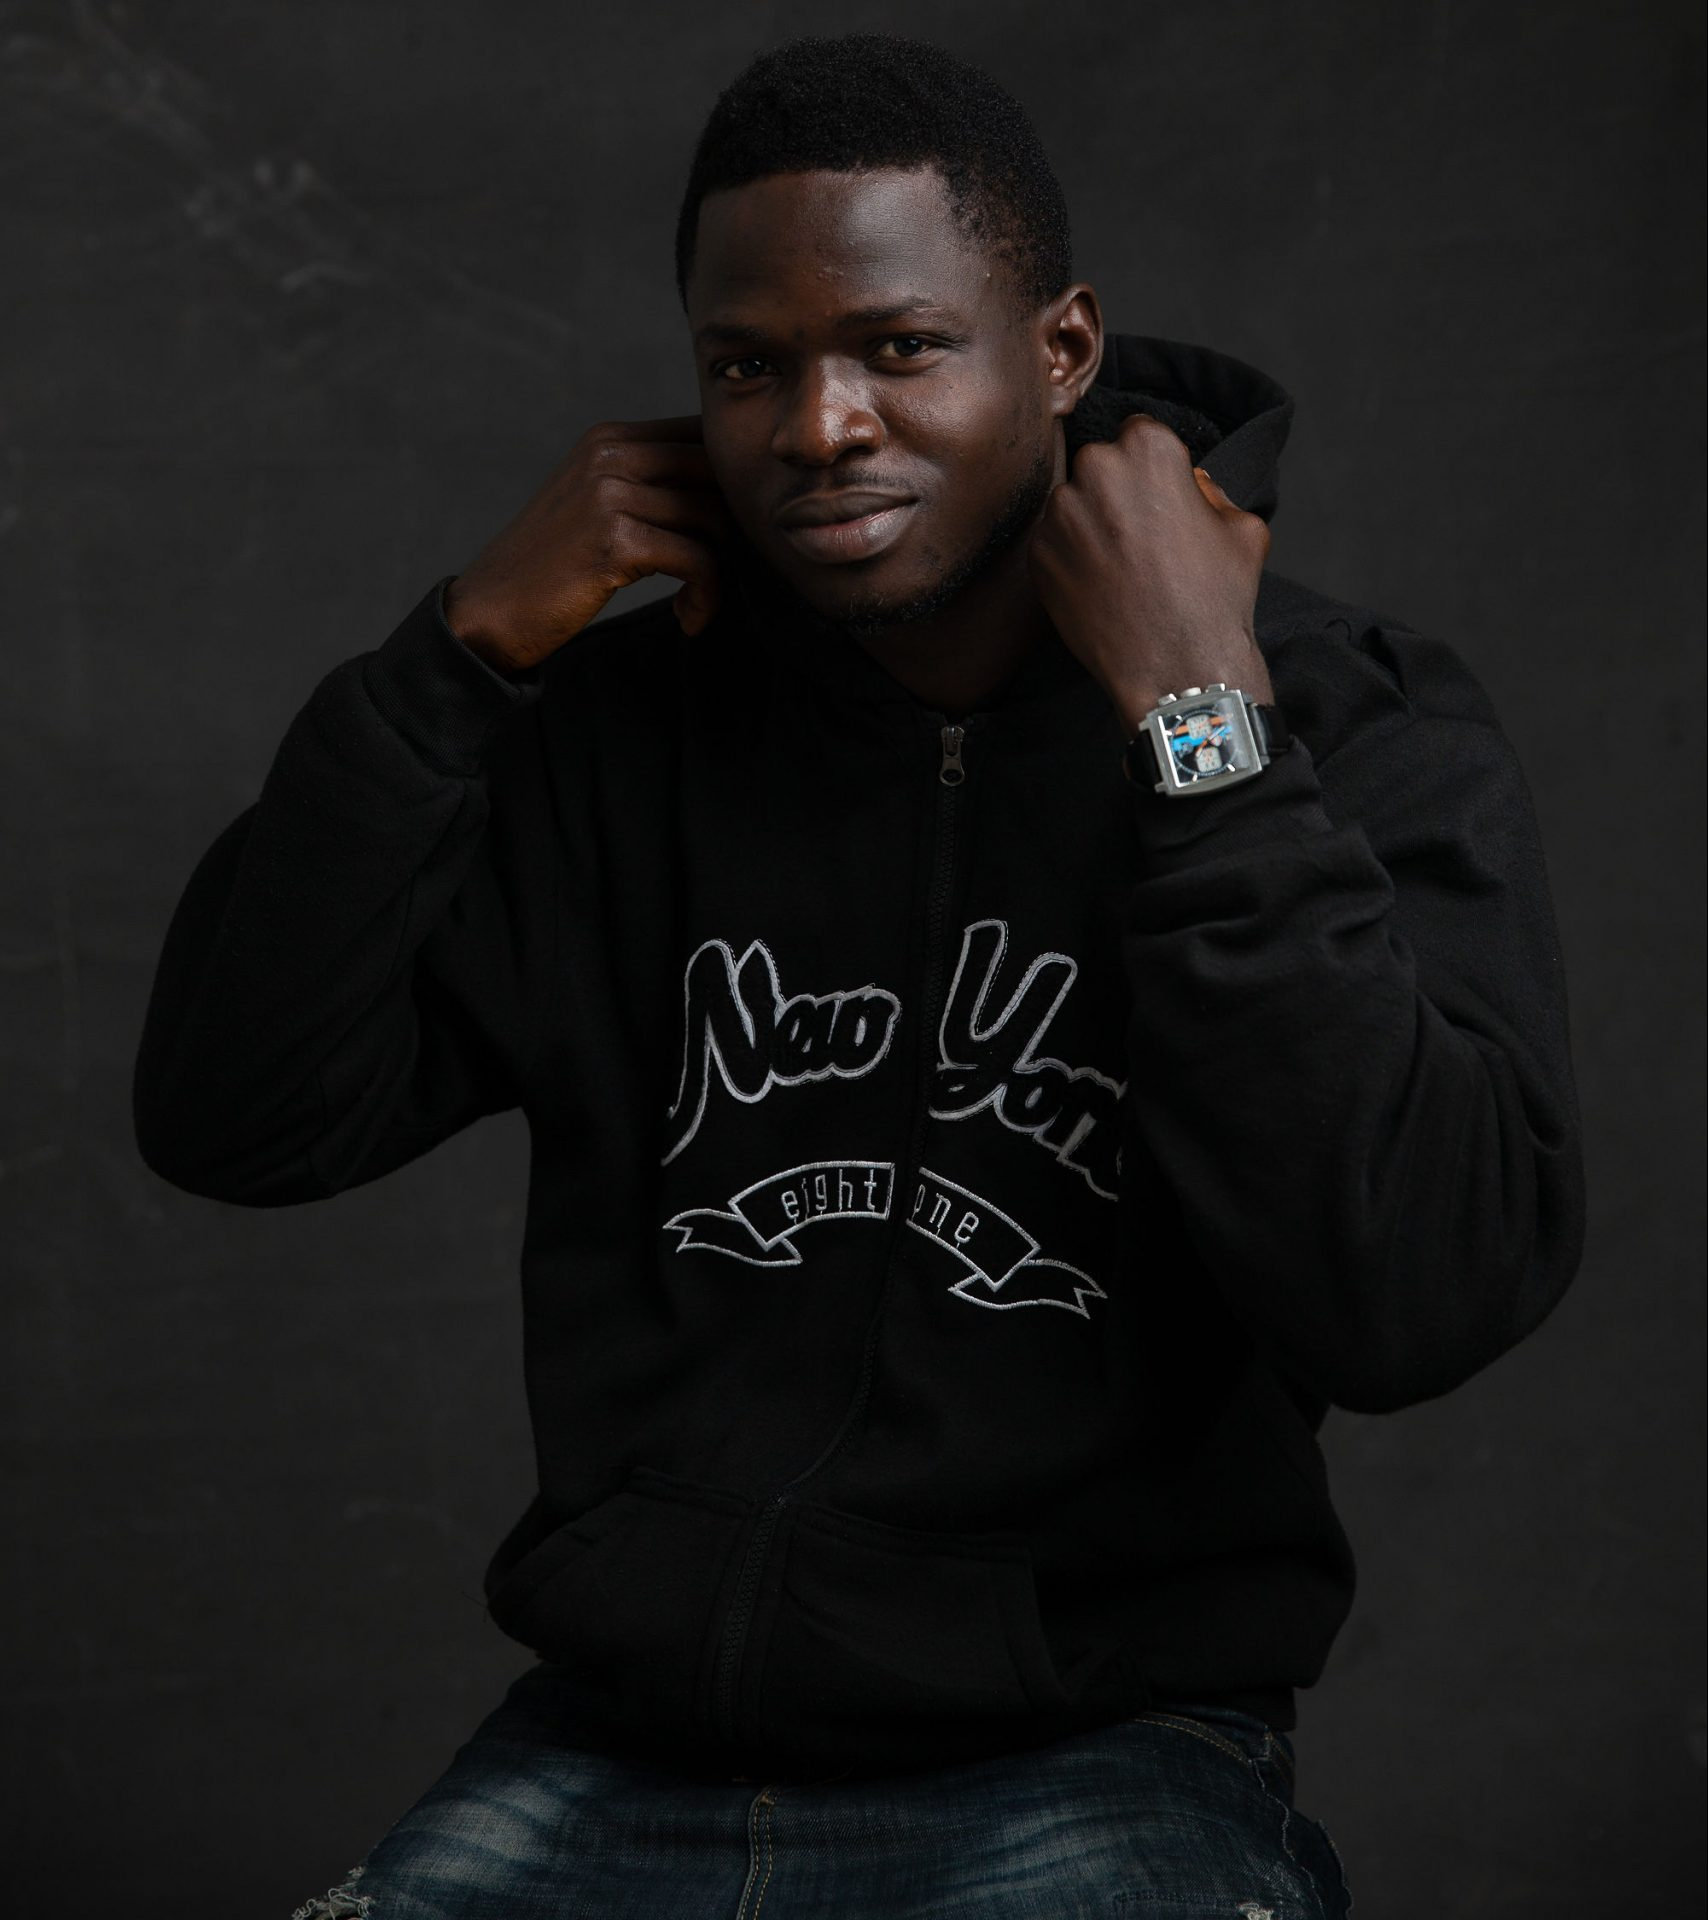 9jabeats.com Buy Beats Online, Afrobeat,Afropop,Hip Hop, Trap, Instrumentals.